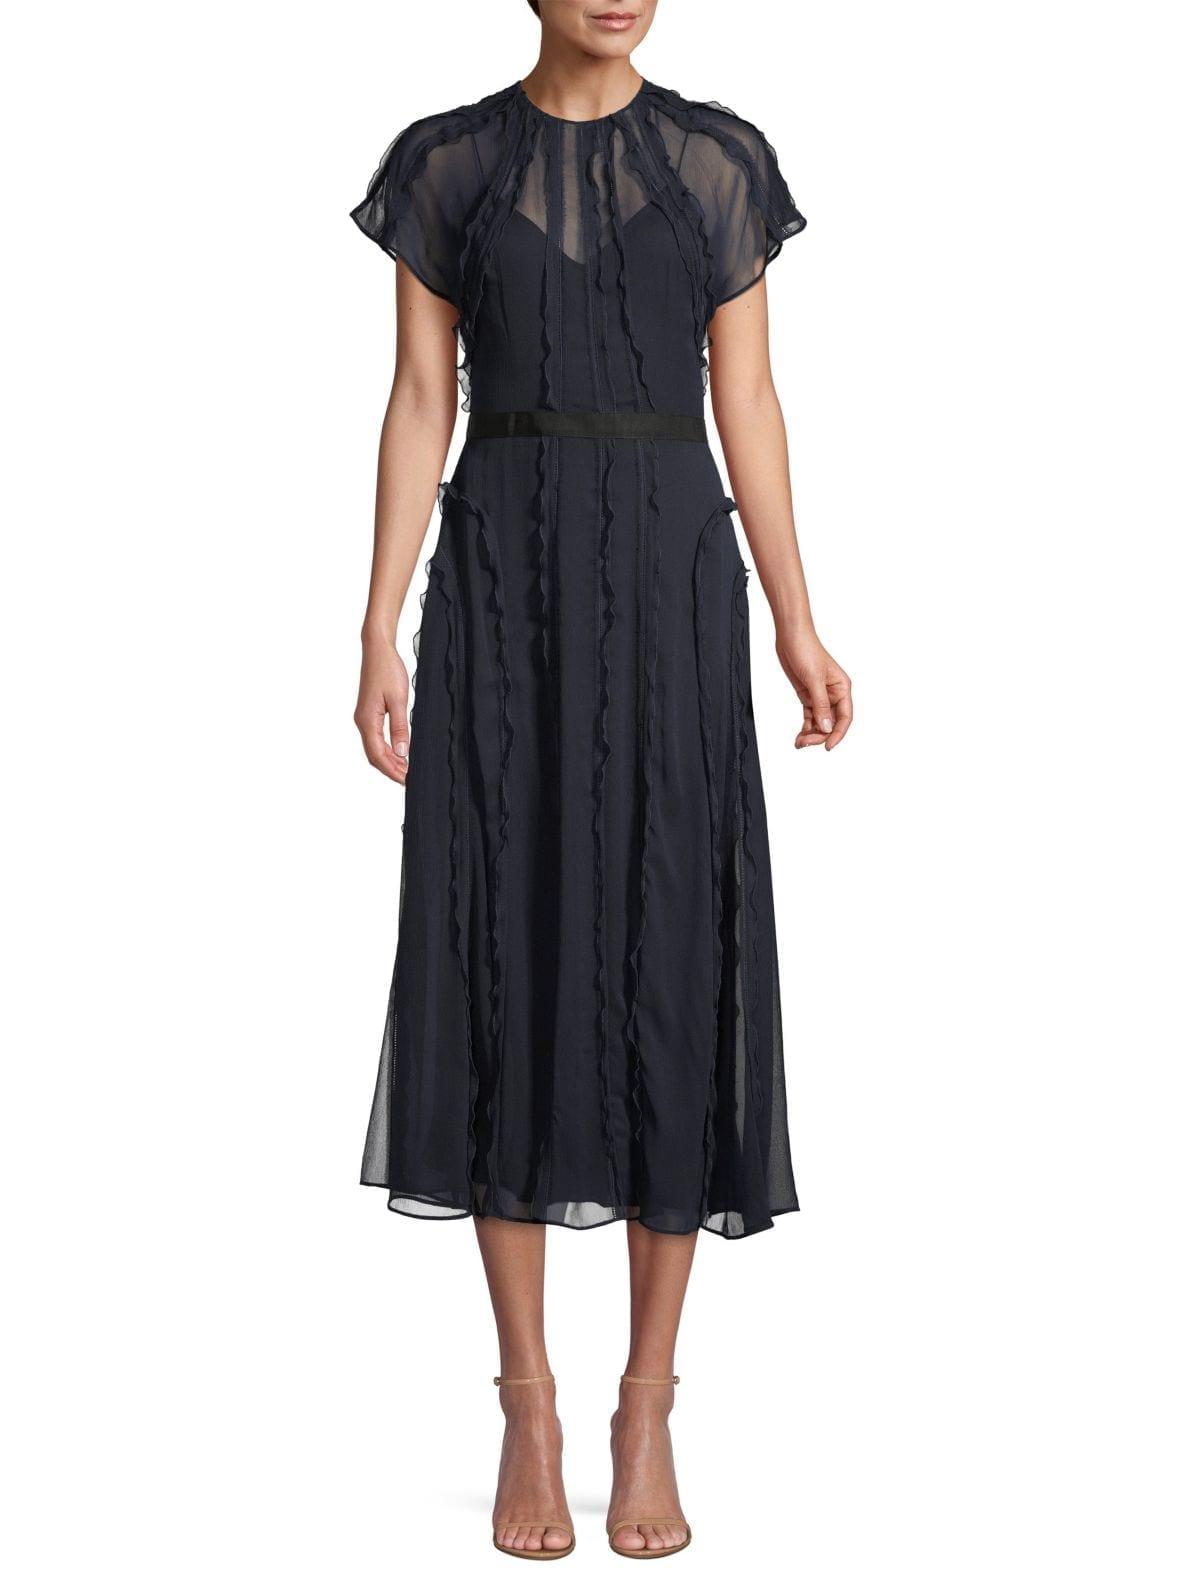 JASON WU COLLECTION Crinkle Silk Chiffon Ruffle Midi Dress